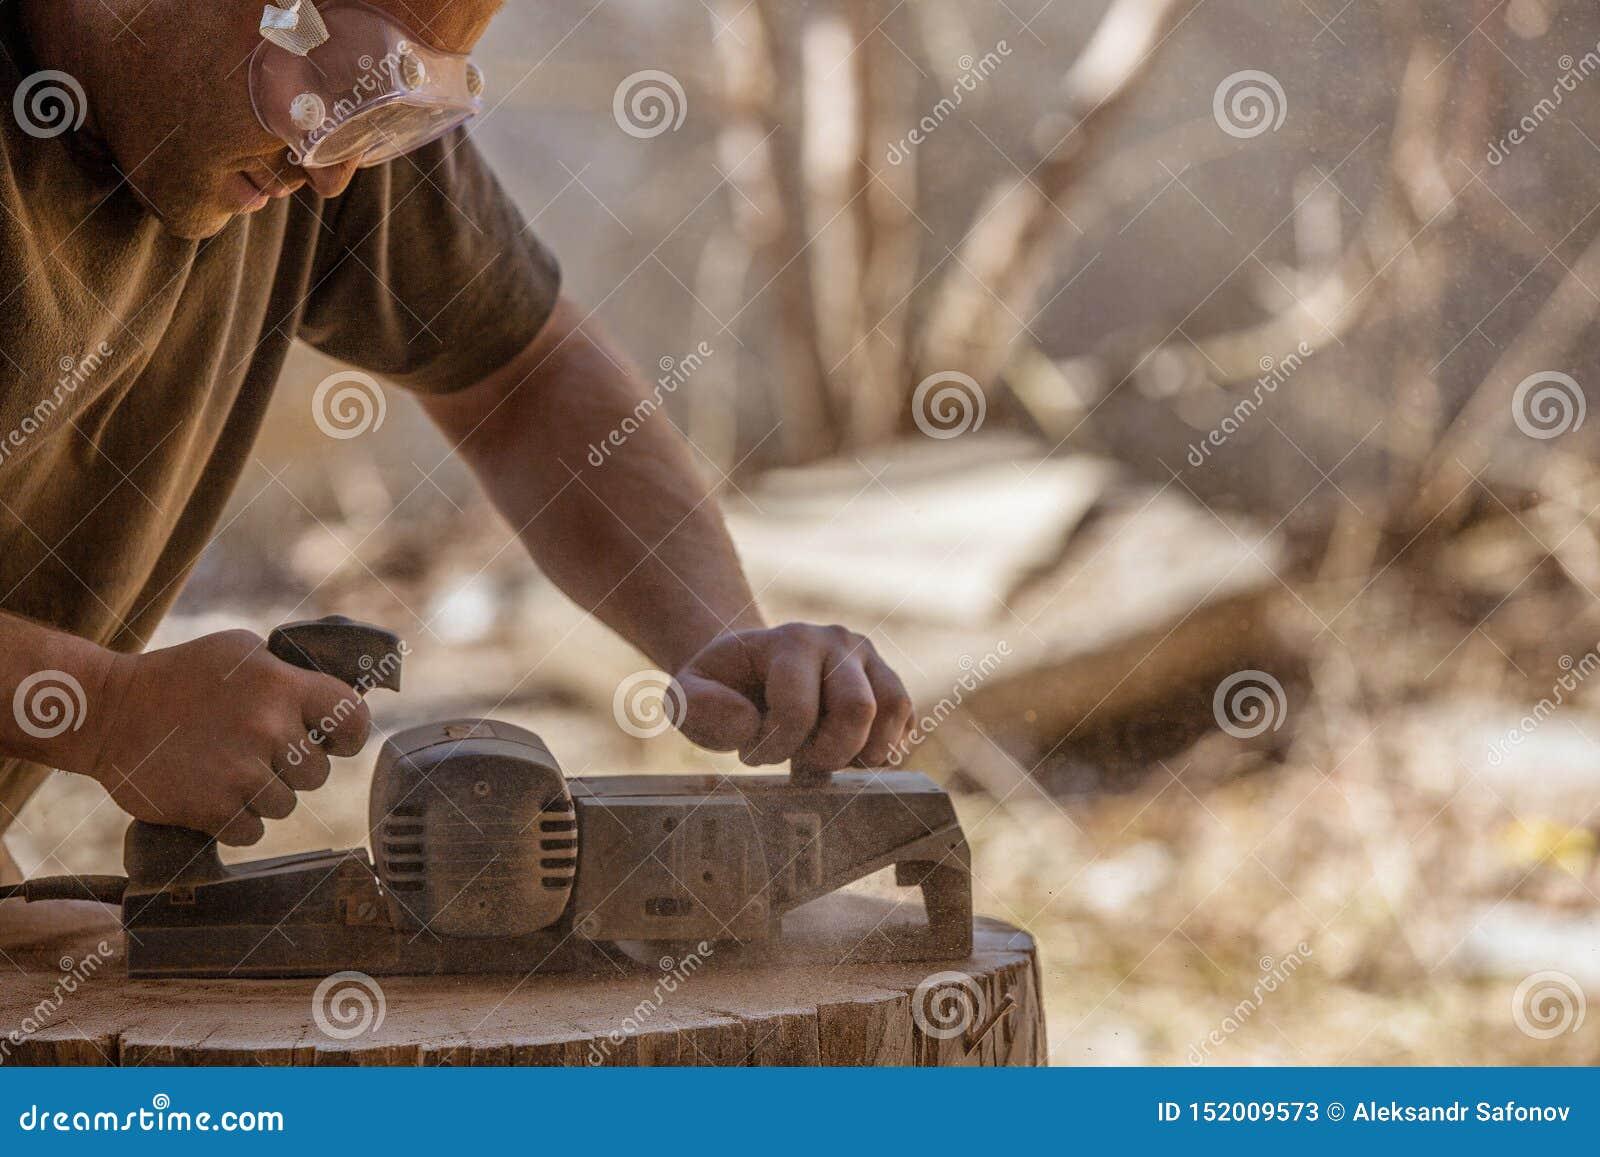 木匠露天与在木树桩的电整平机一起使用